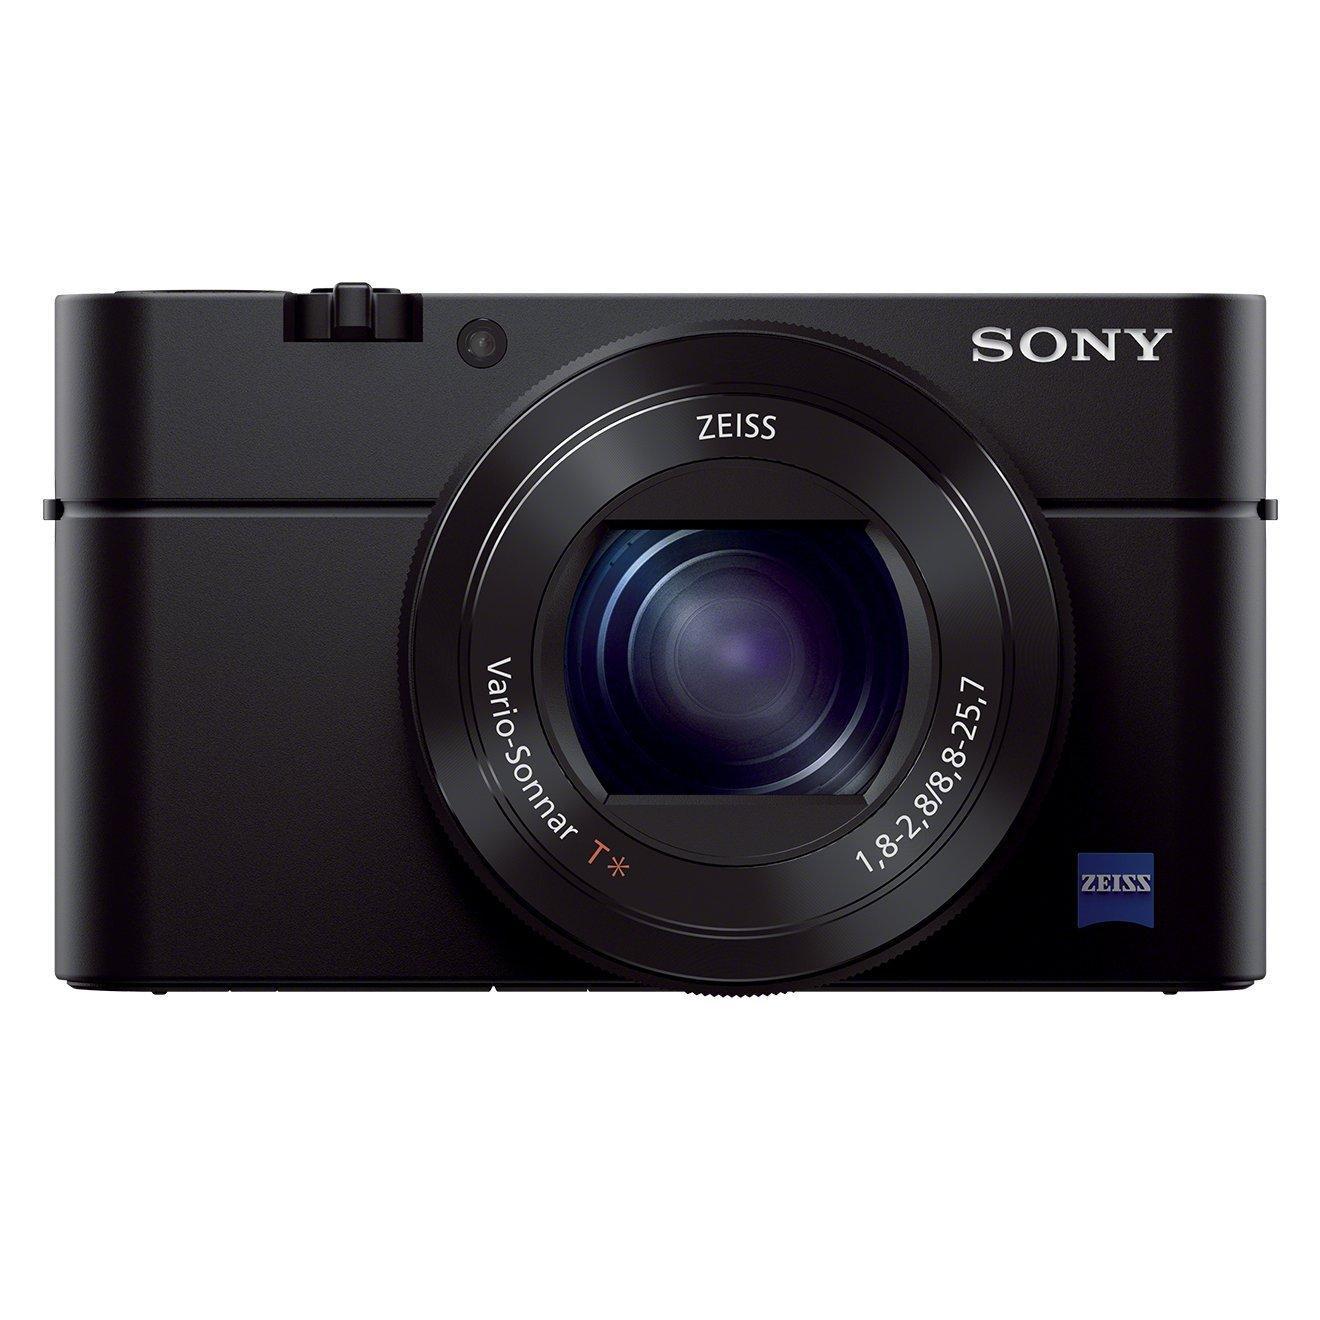 Appareil photo numérique compact  Sony Cyber-shot DSC-RX100 Mark III